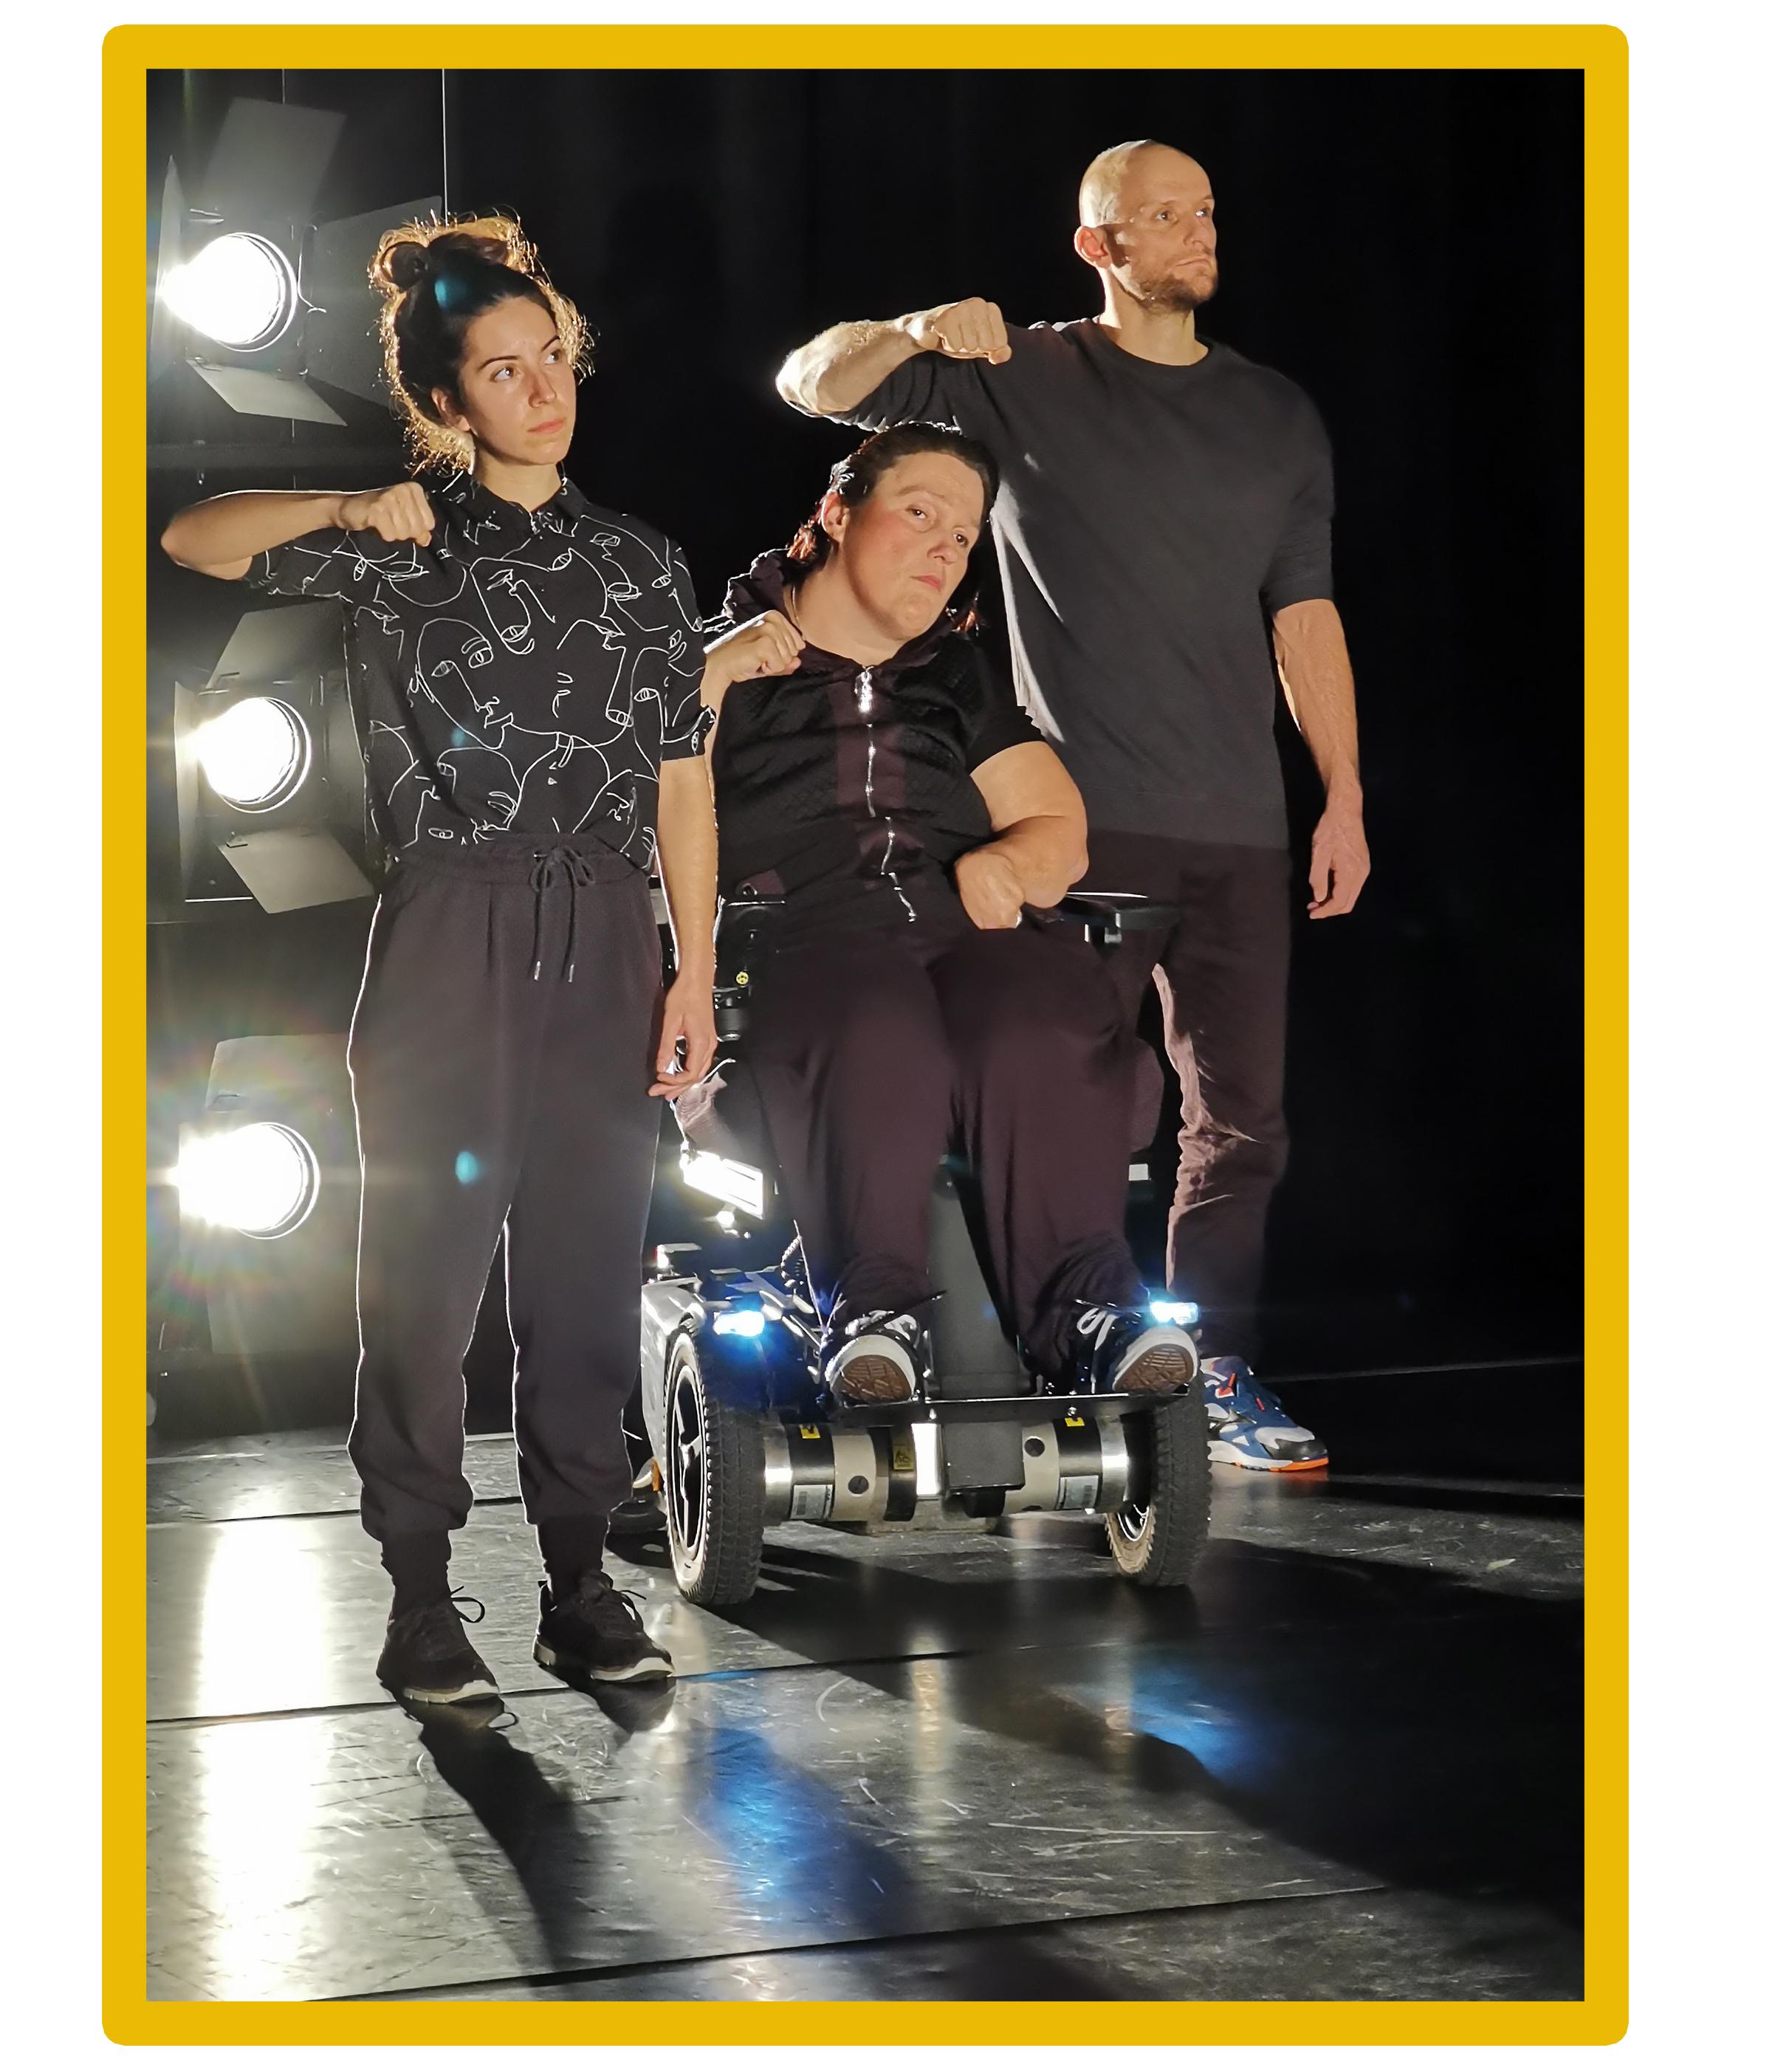 Bild der Tänzer von Klare || Kante. Von links nach rechts: Vasiliki Bara, Katja Mieder, Philip Lehmann